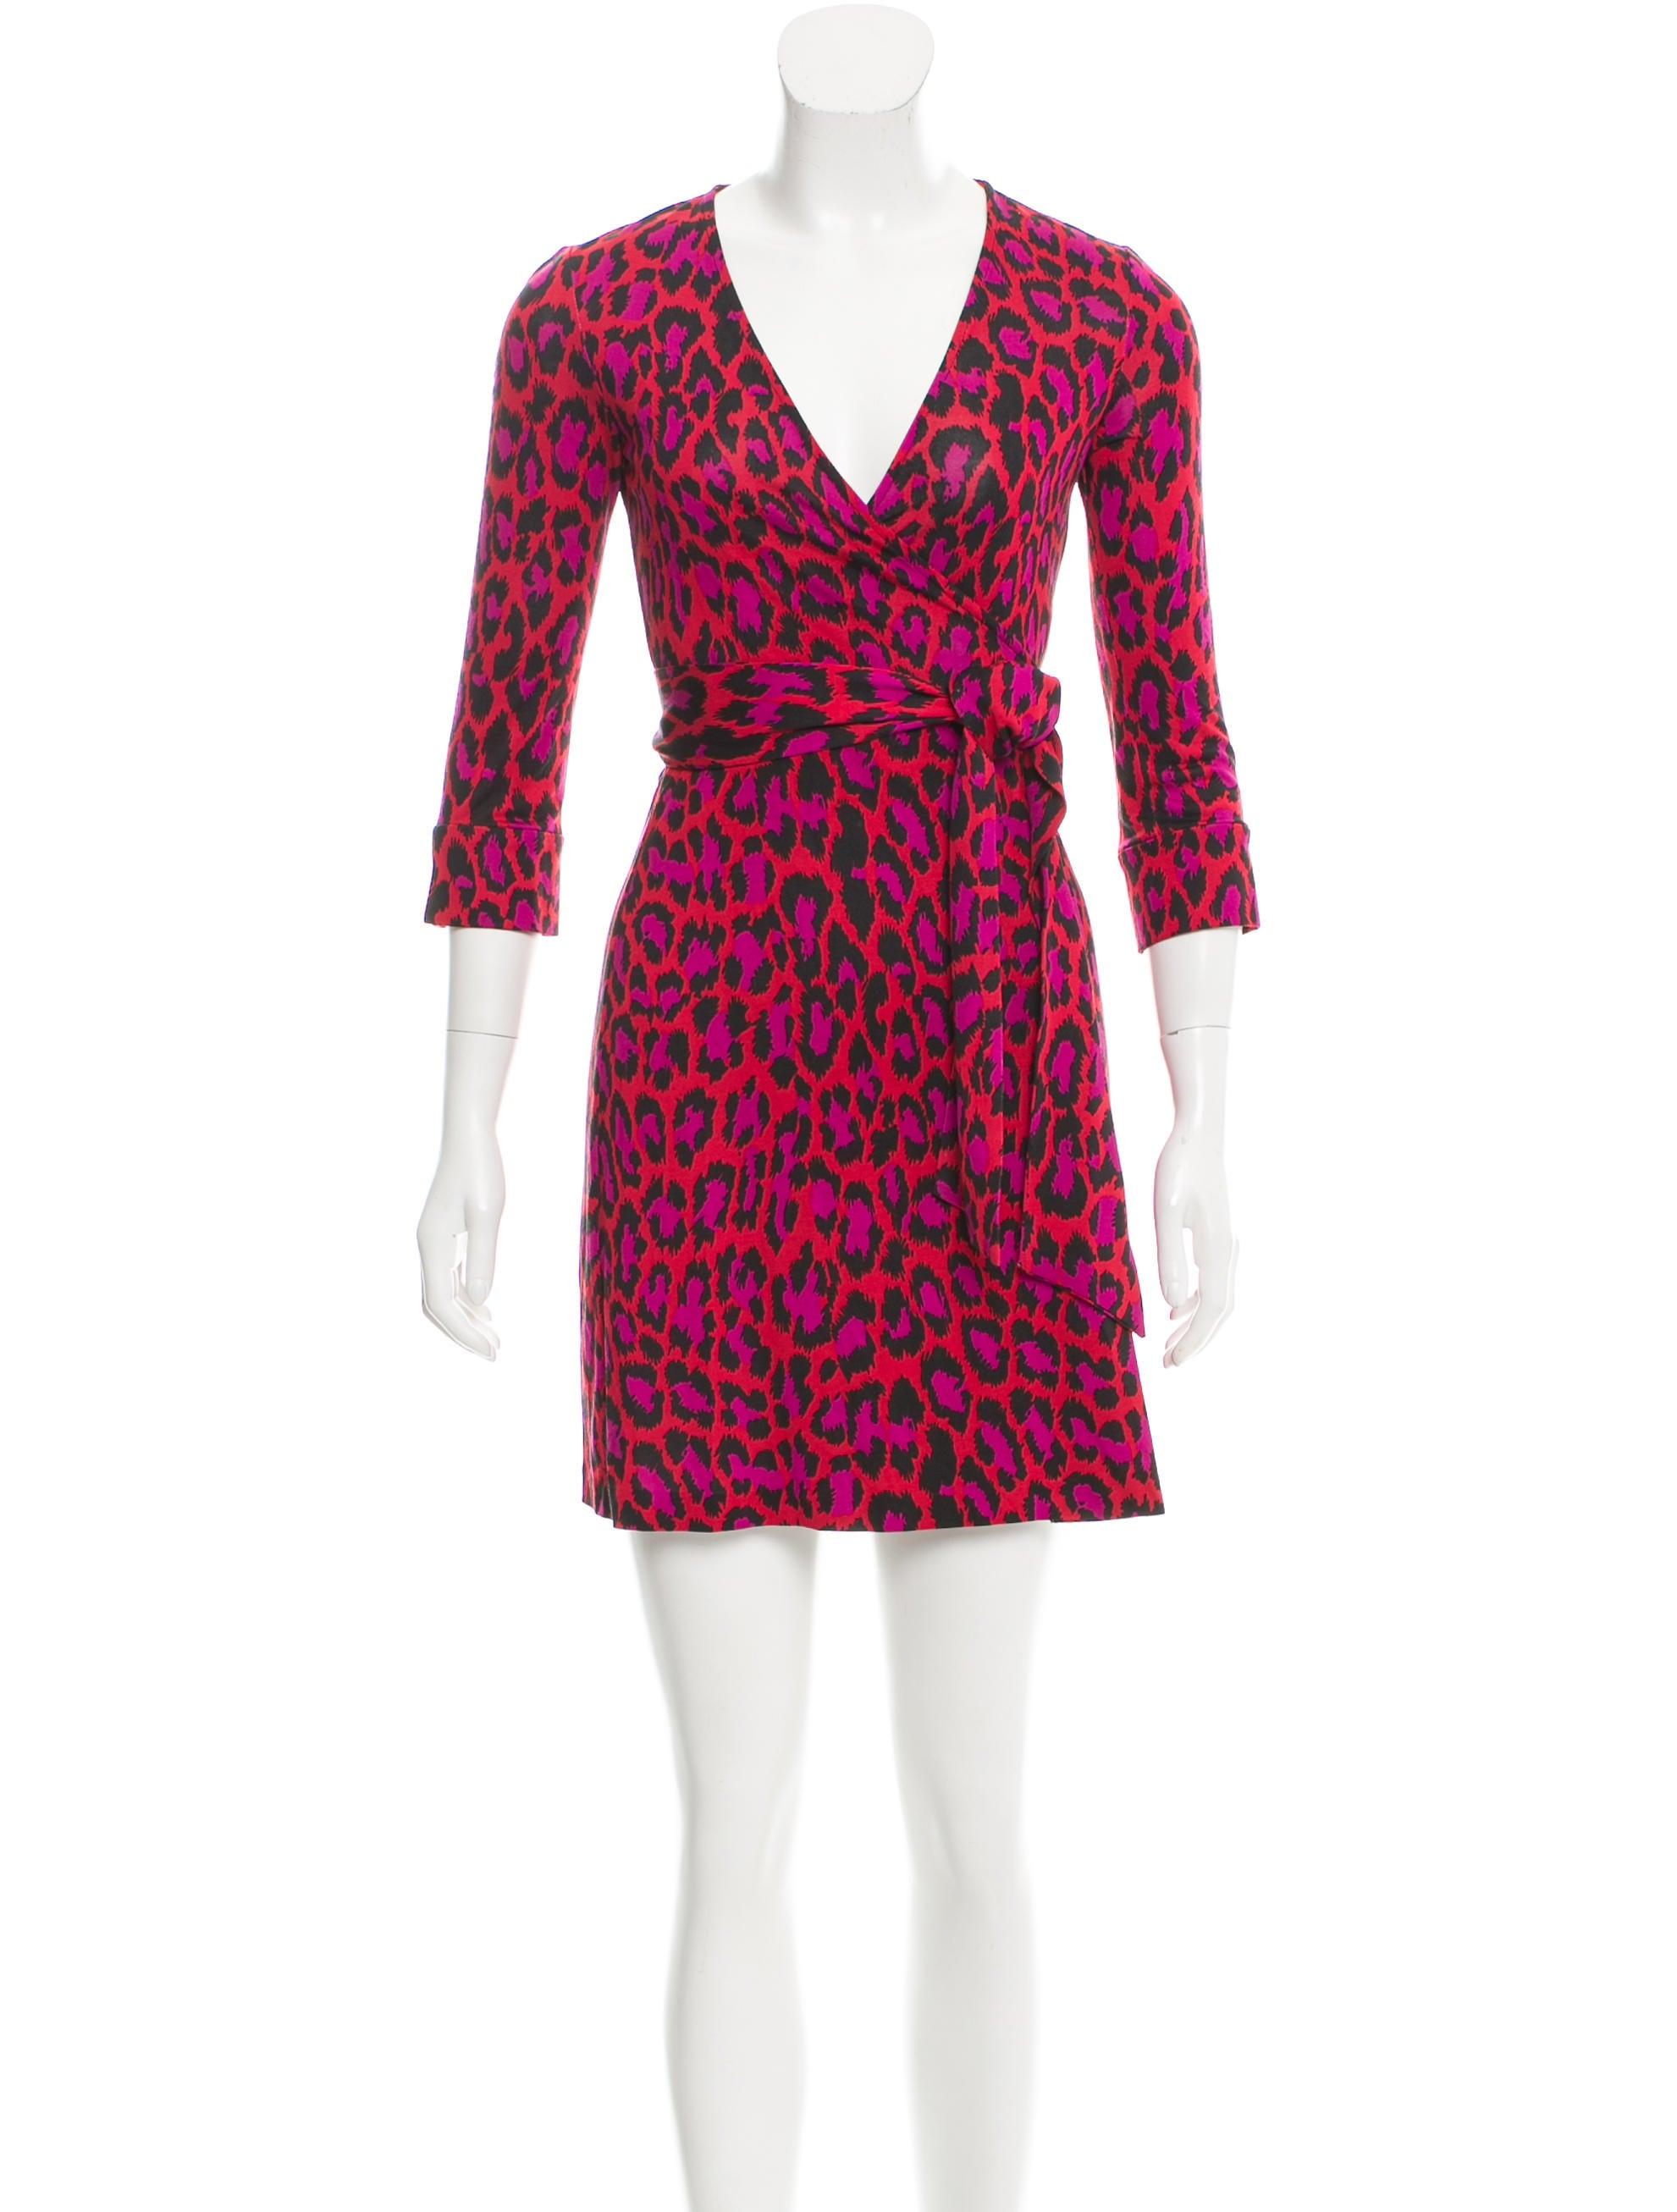 Diane von furstenberg silk julian dress clothing for Diane von furstenberg clothing